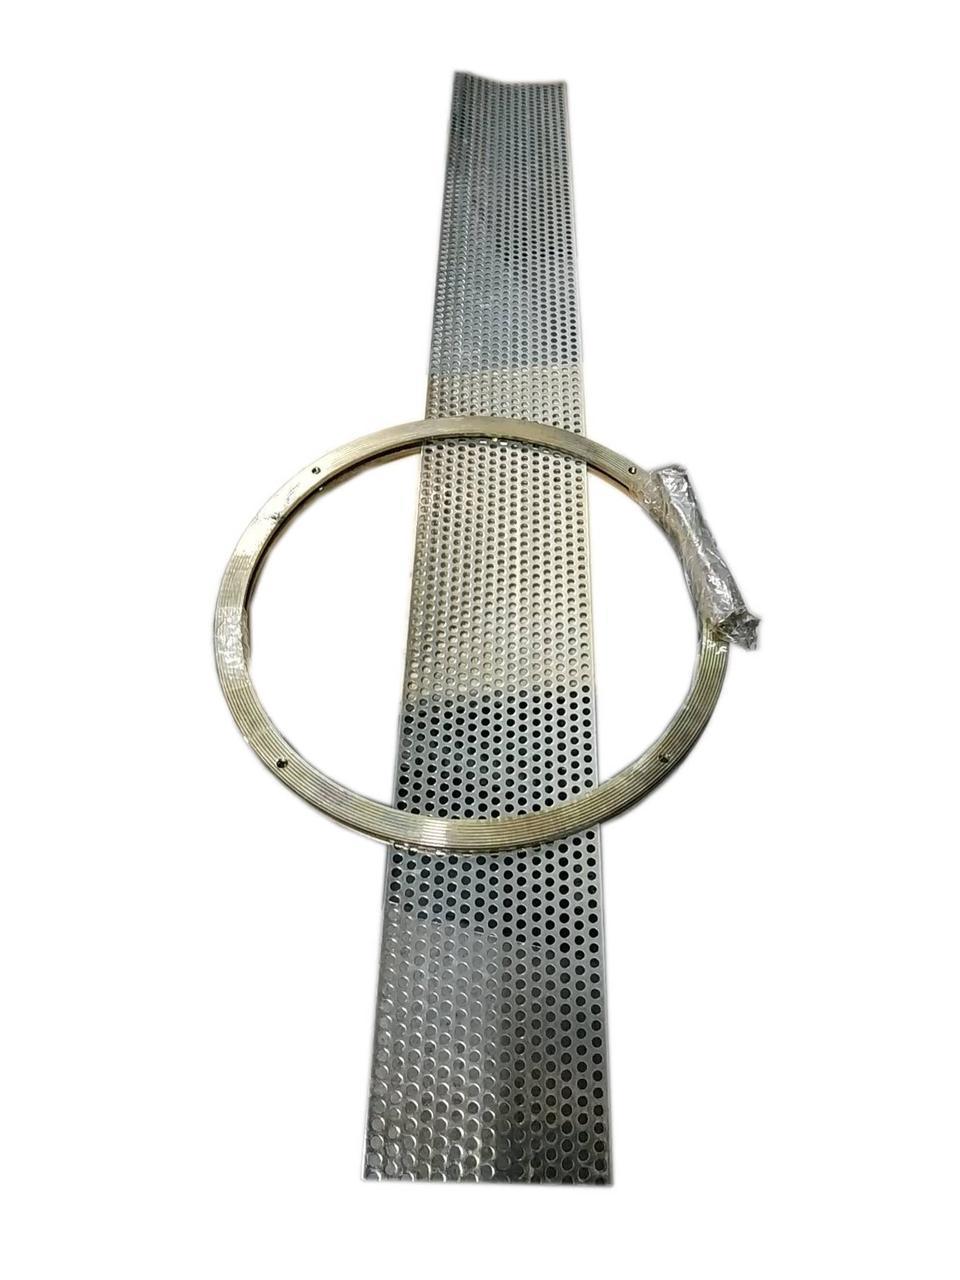 Сито (Решето) кормоизмельчителя с кольцами в сборе 5,0 мм ДТЗ КР-23С(КР23С))